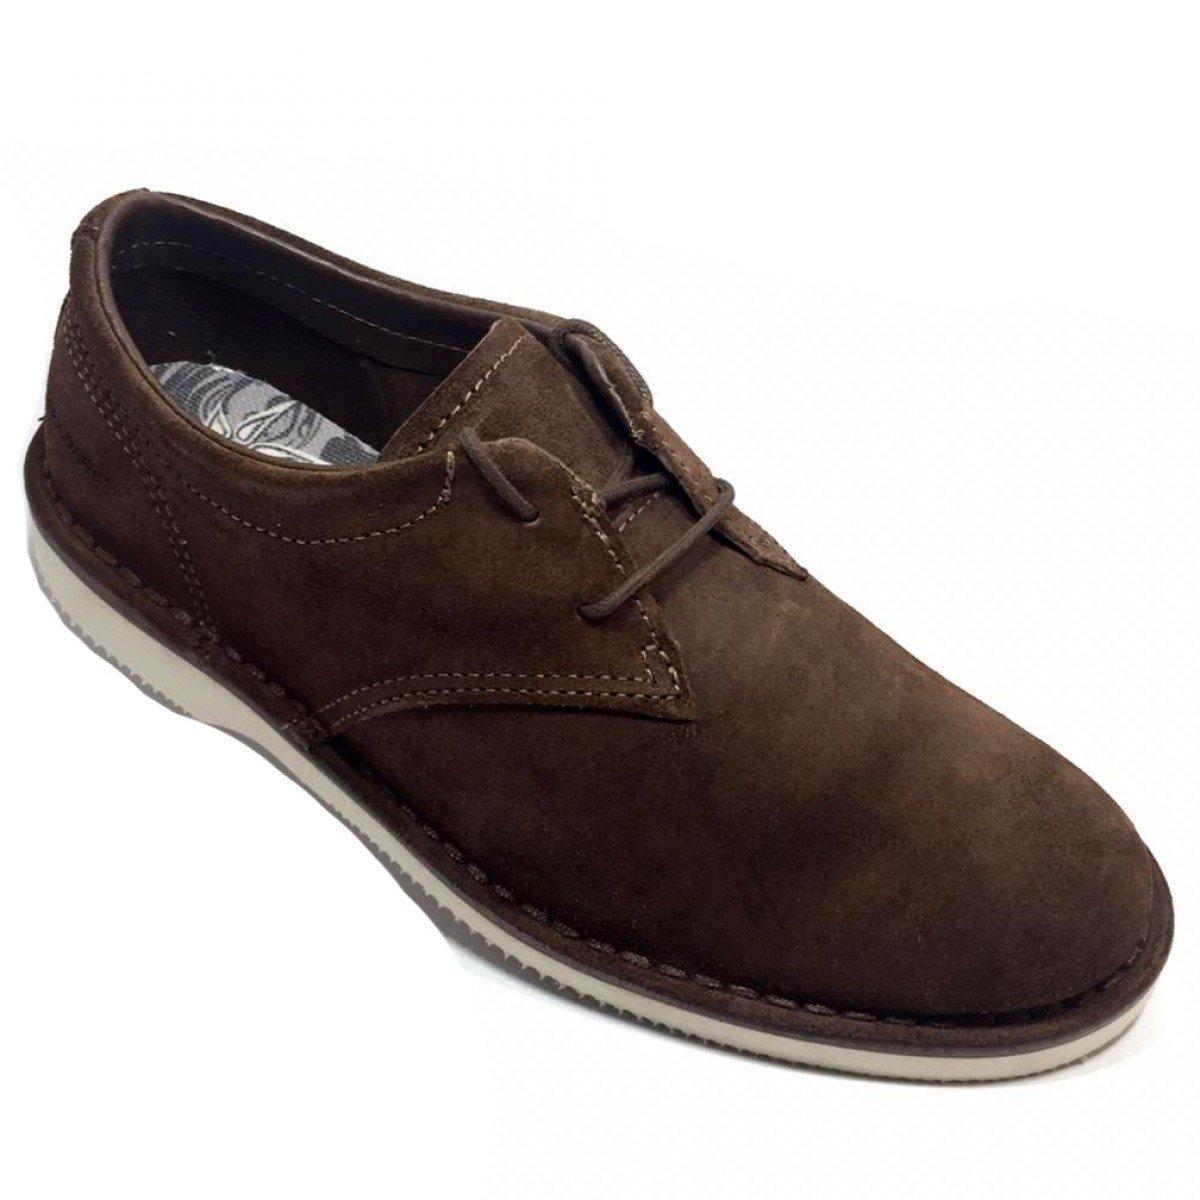 cfb694a65e1 Sapato Couro Kildare Filey Camurção Saddle Marrom - Compre Agora ...